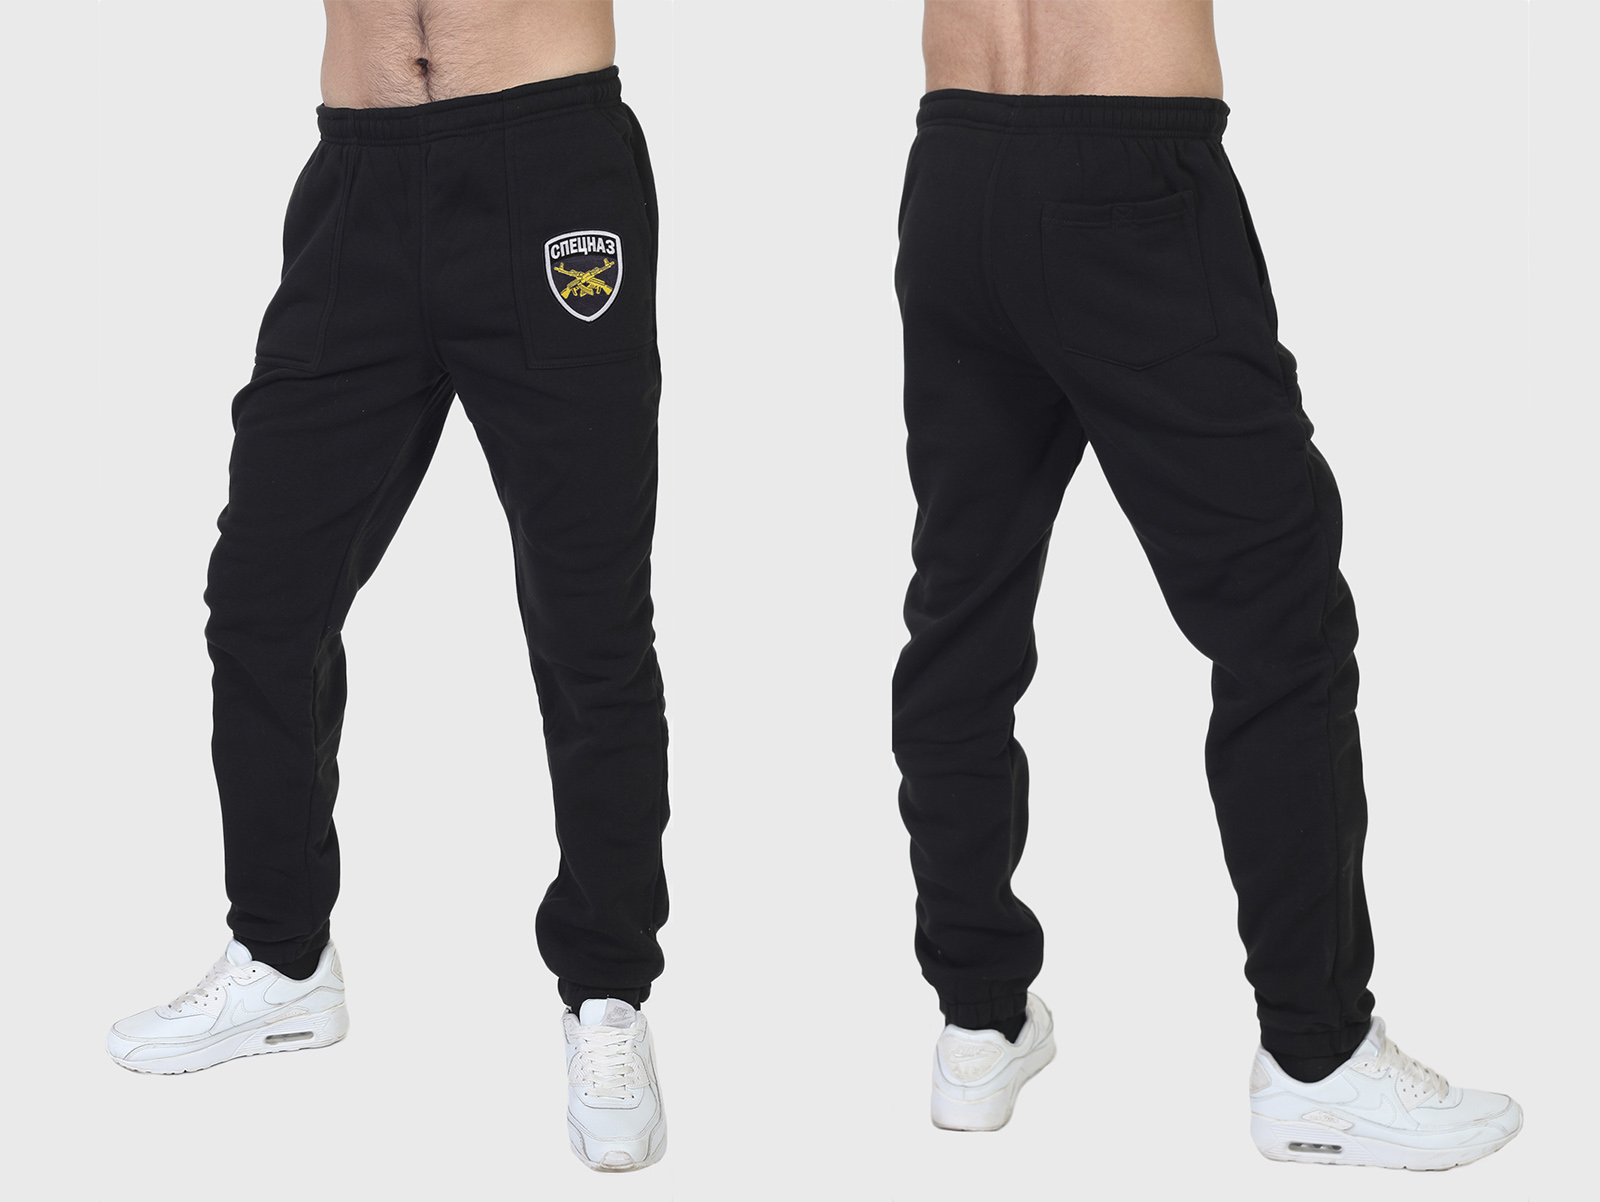 Утепленные спортивные штаны - отличный вариант для заняятий спортом и отдыха!